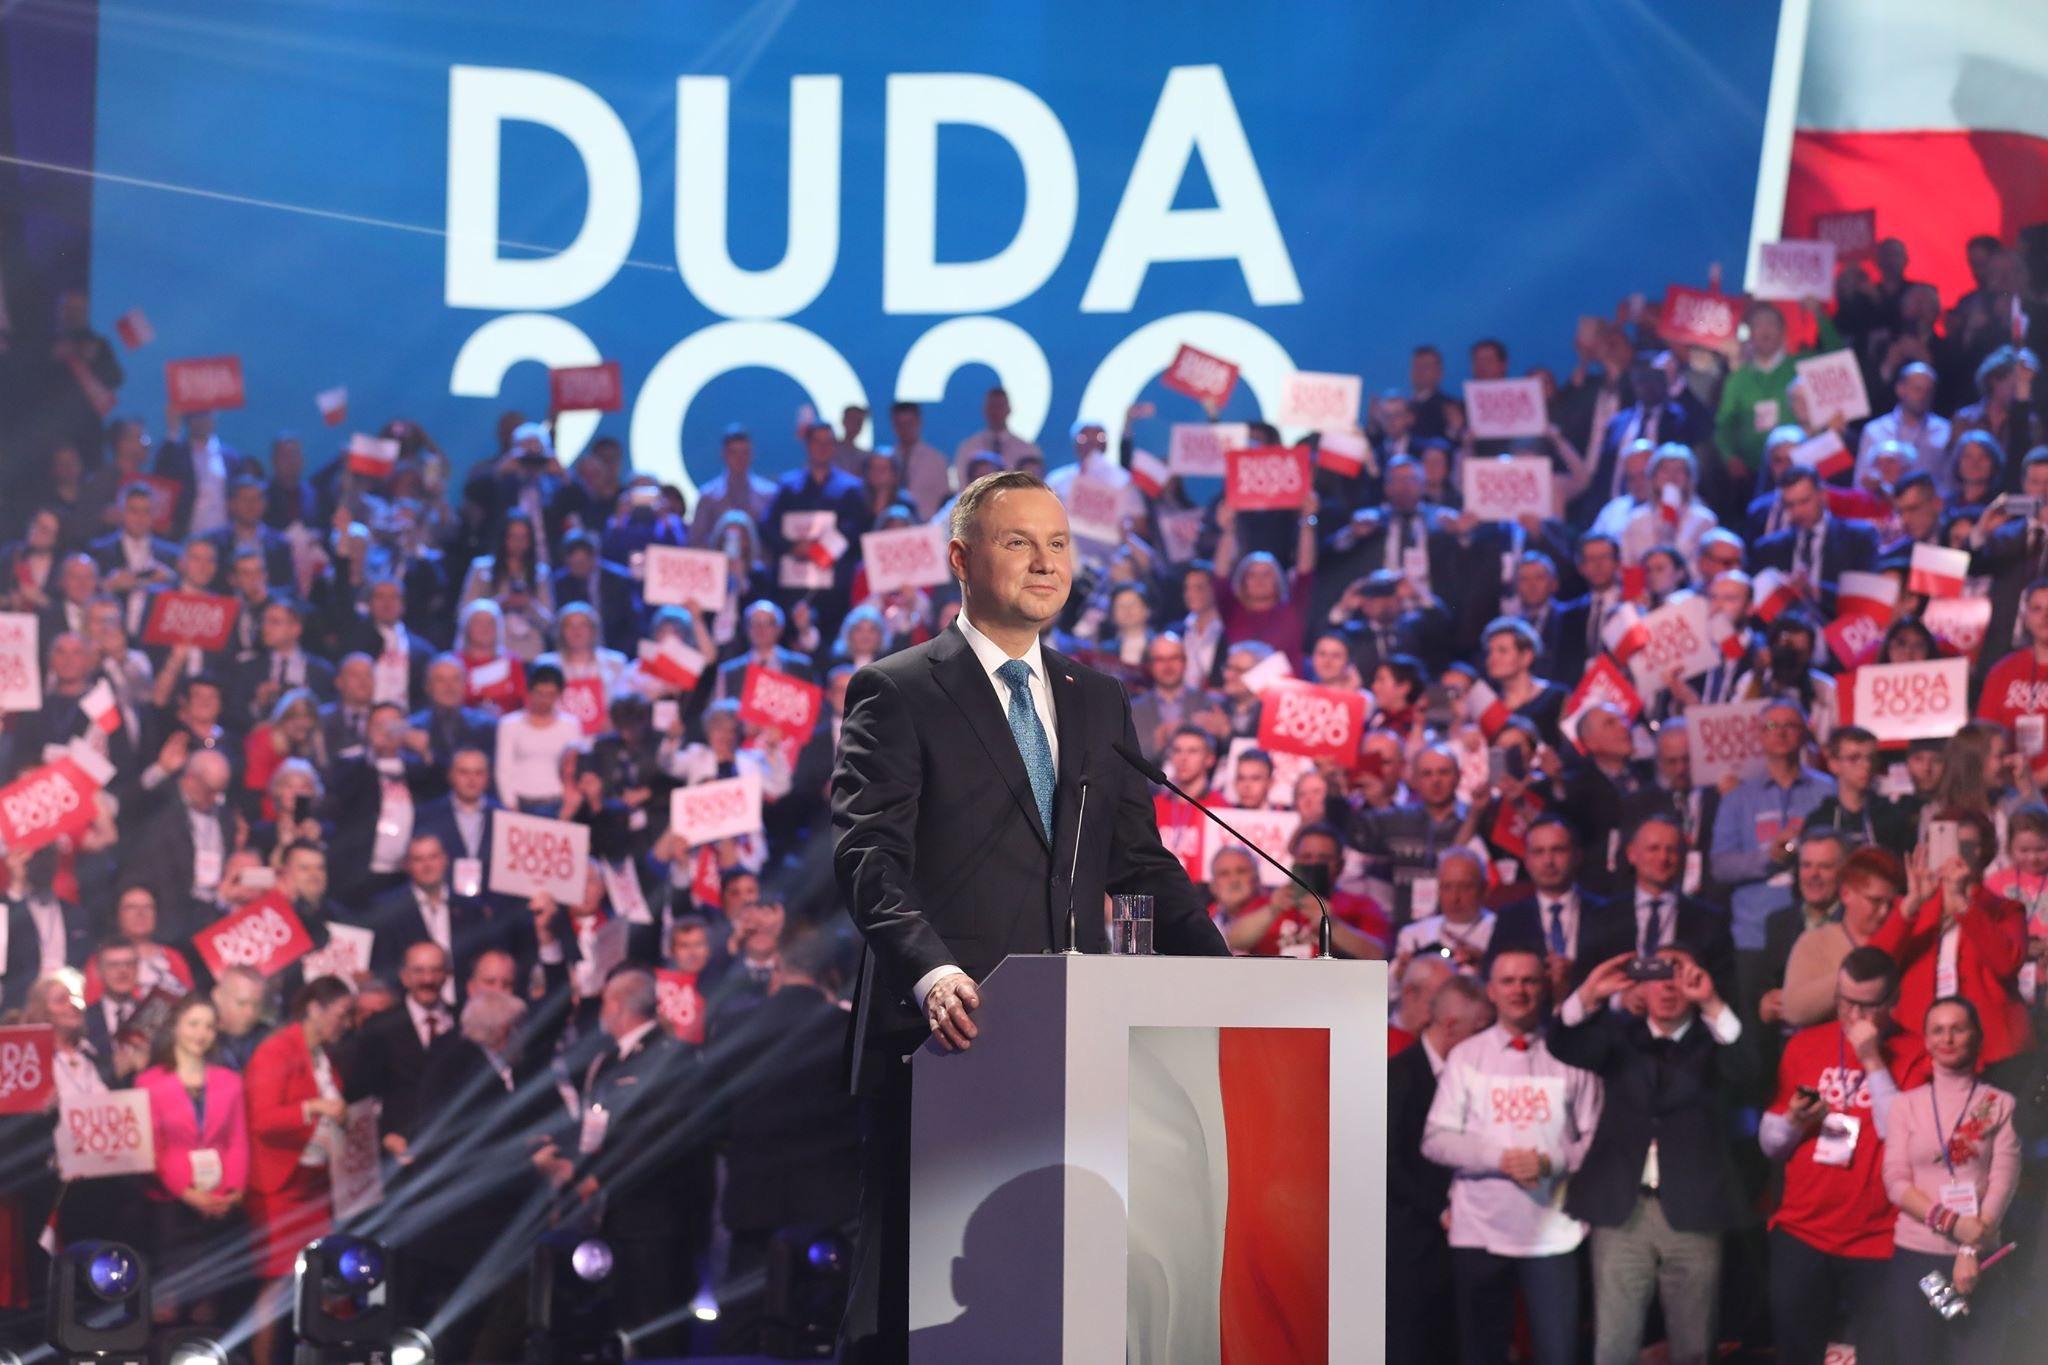 andrzej duda konwencja  - #DUDA2020